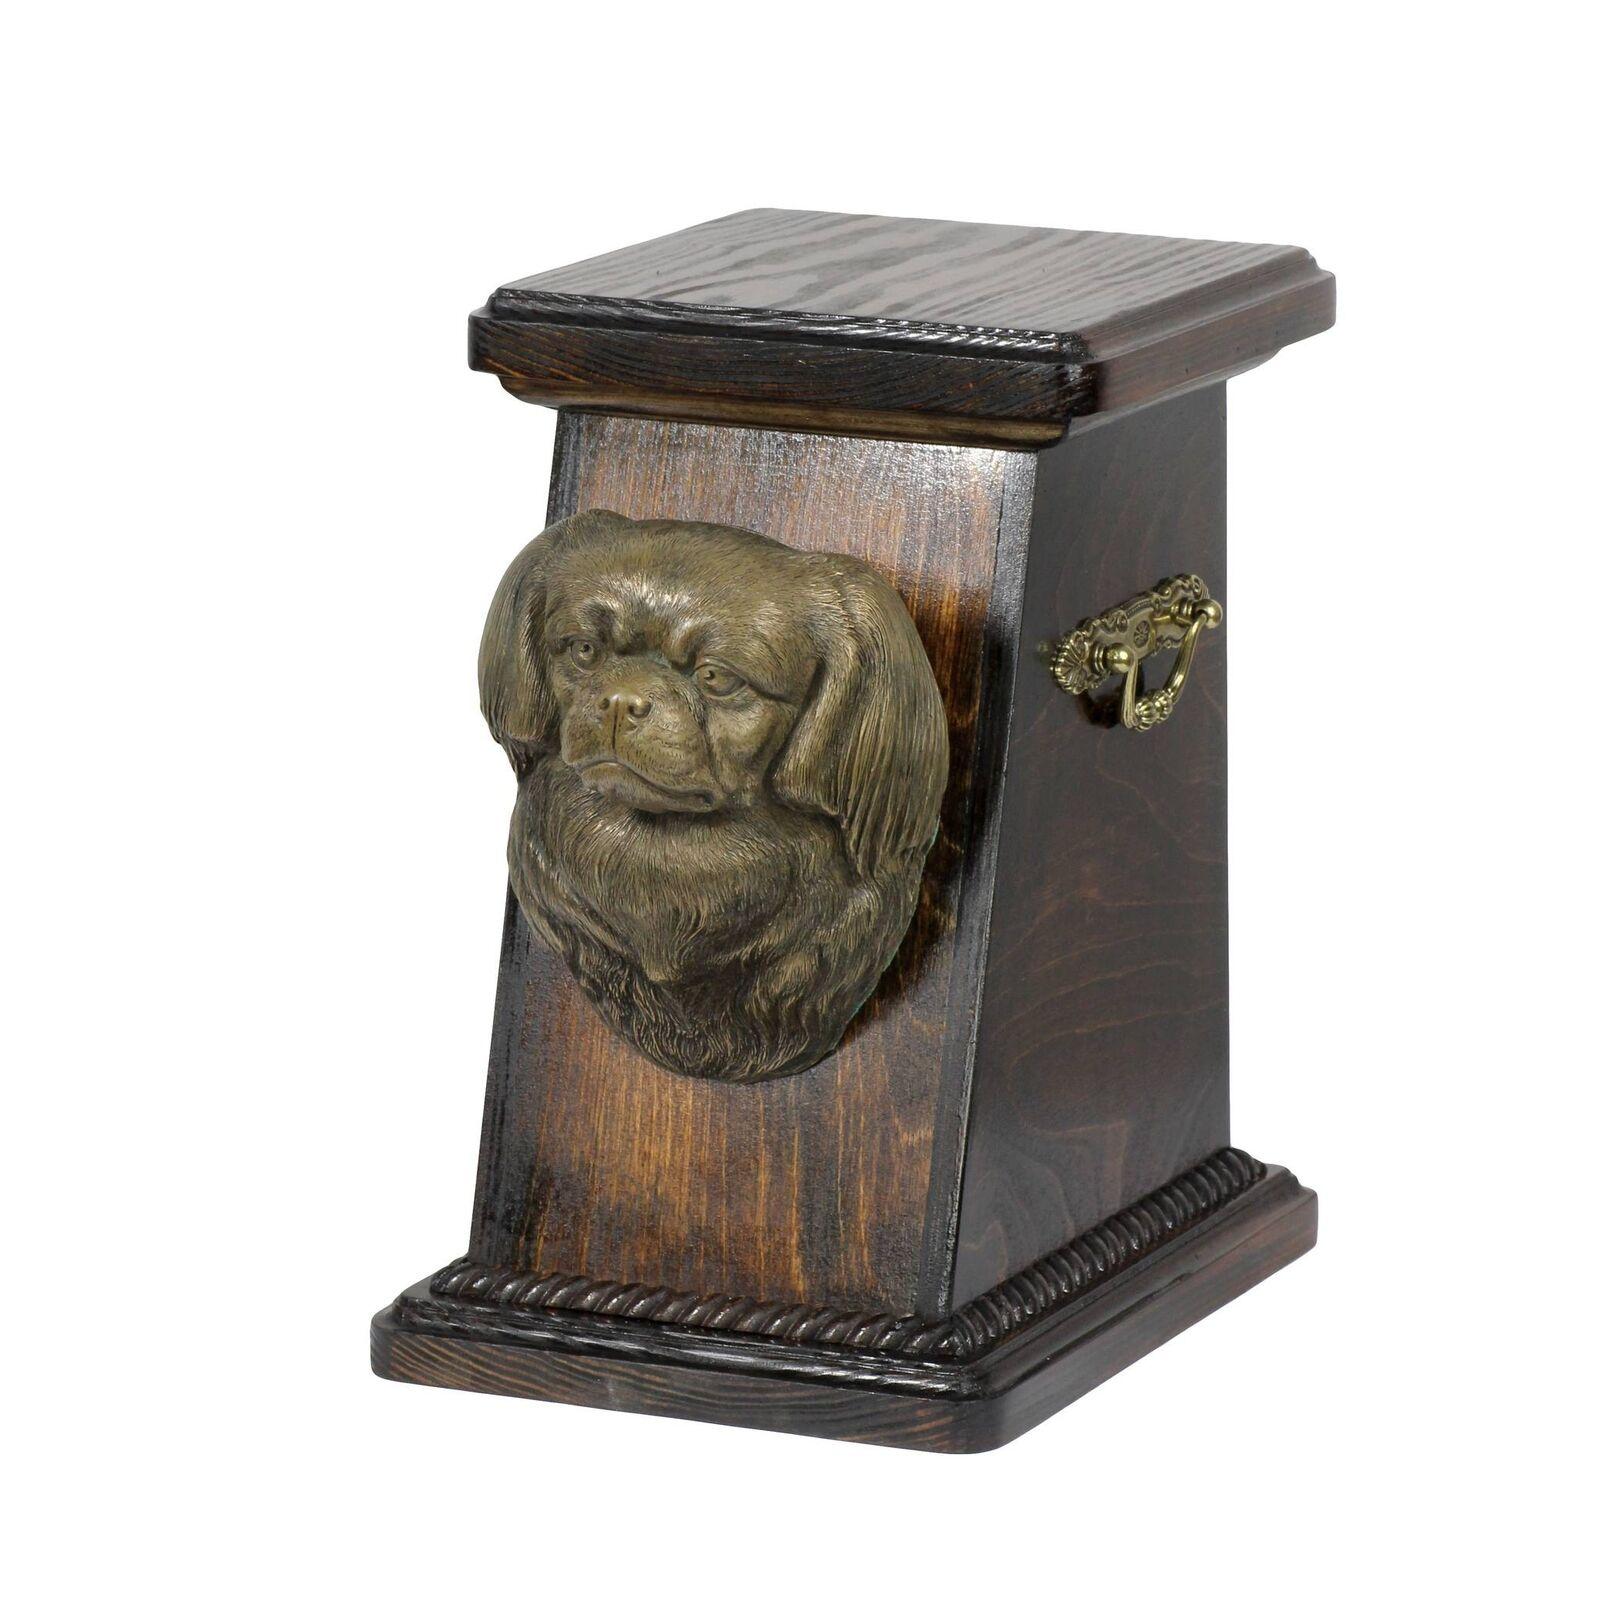 Tibetan Spaniel - urna di legno con l'immagine di un cane Art Dog IT Tipo 3